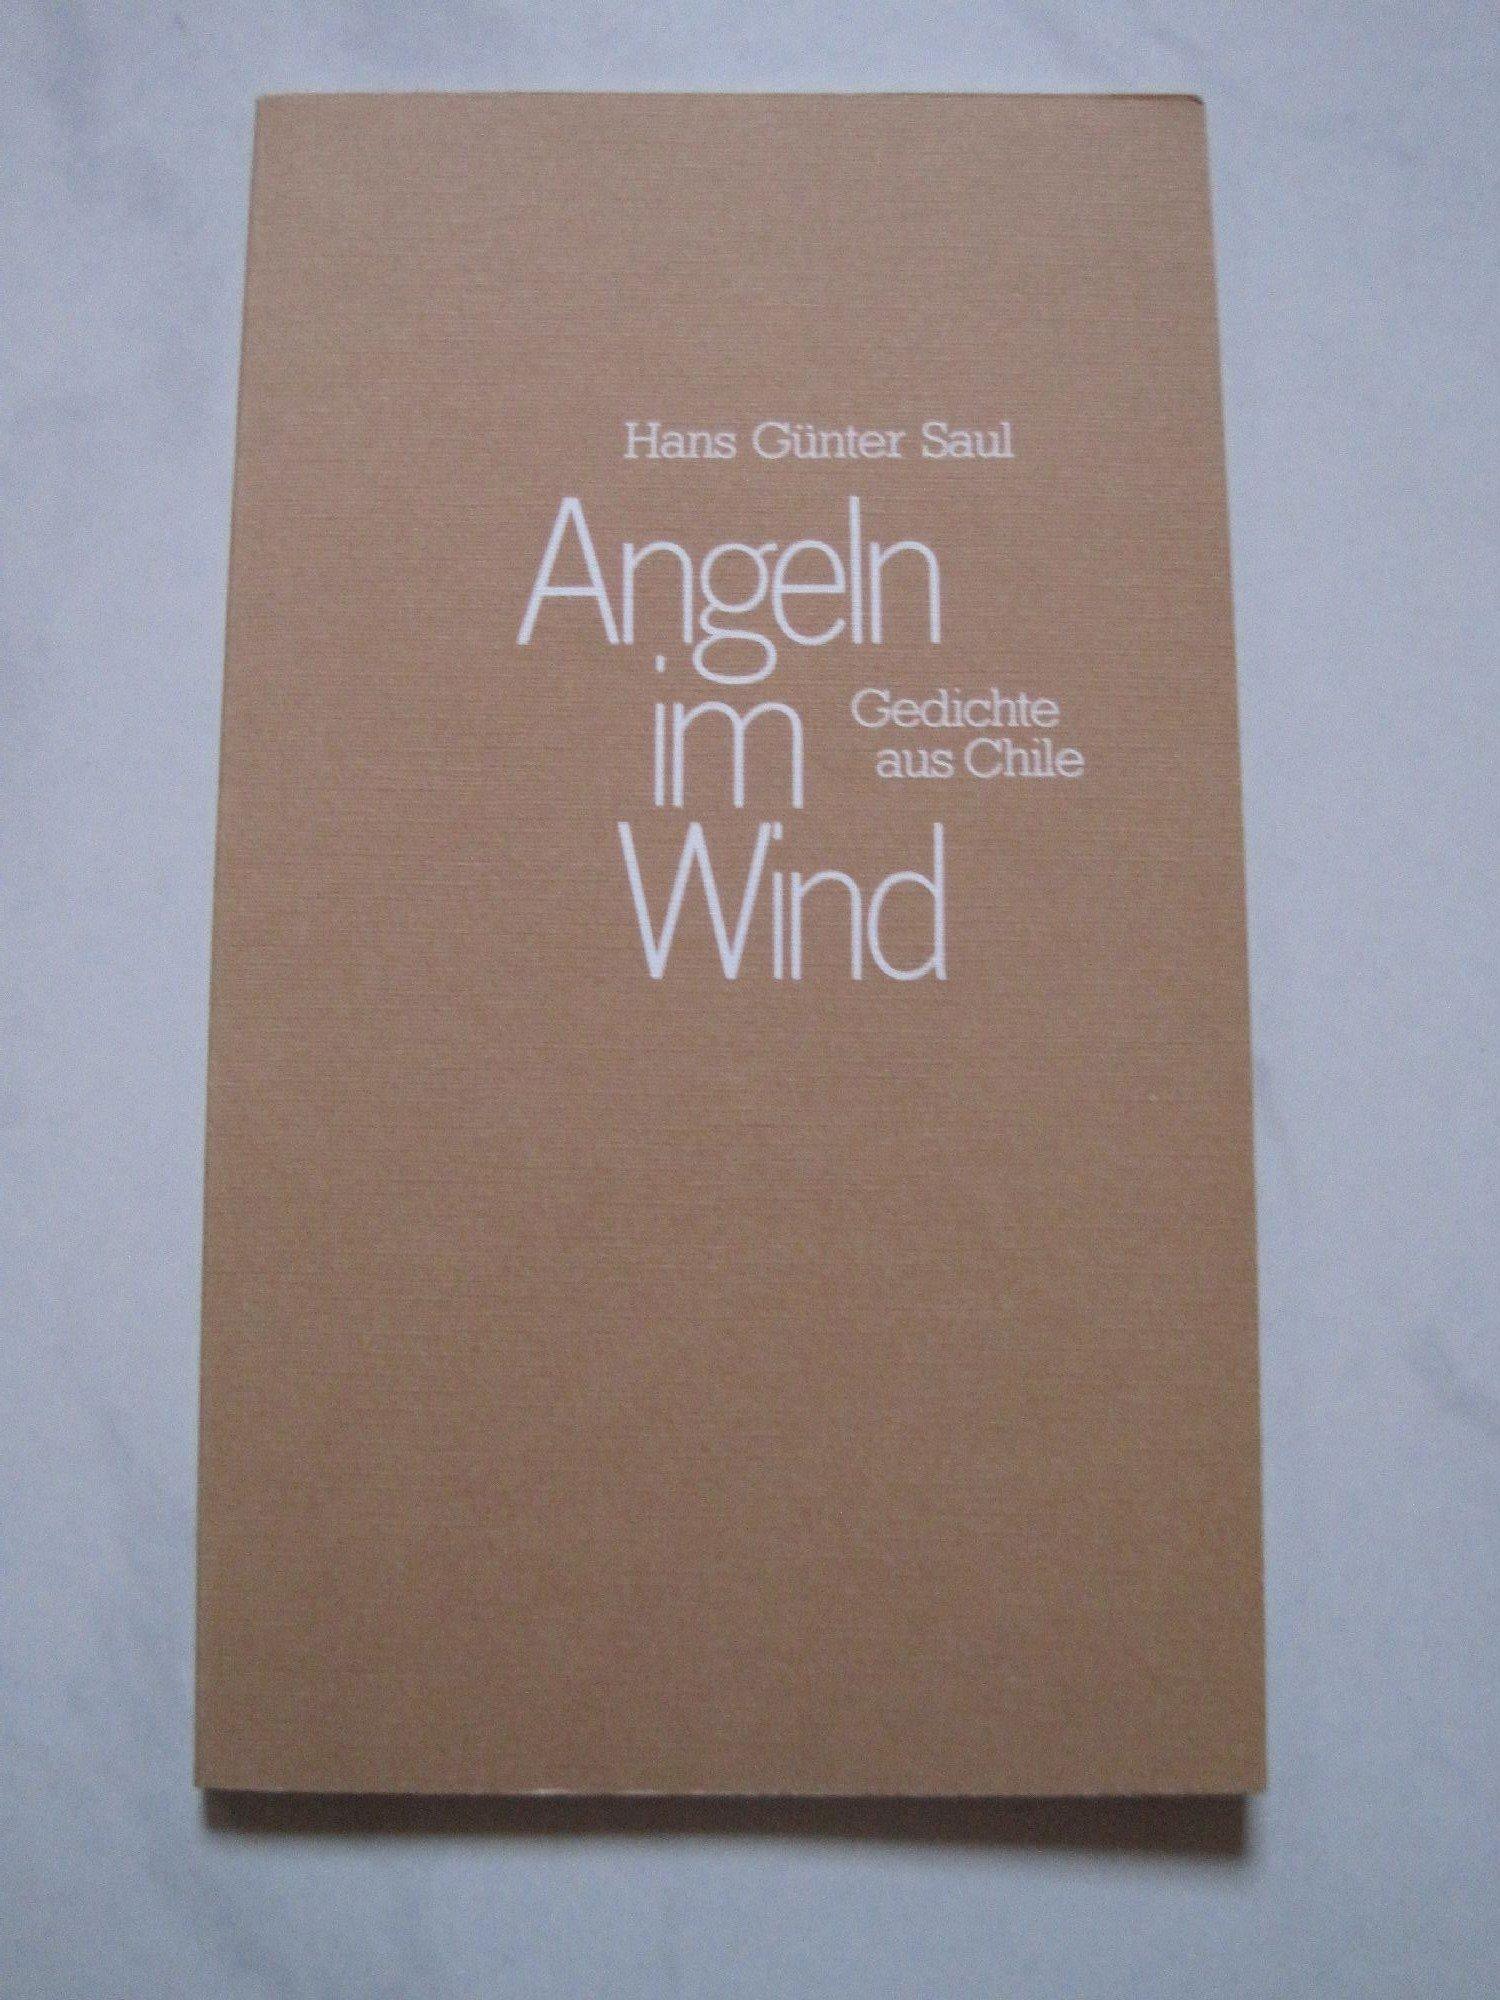 Angeln Im Wind Gedichte Aus Chile Amazonde Hans Günter